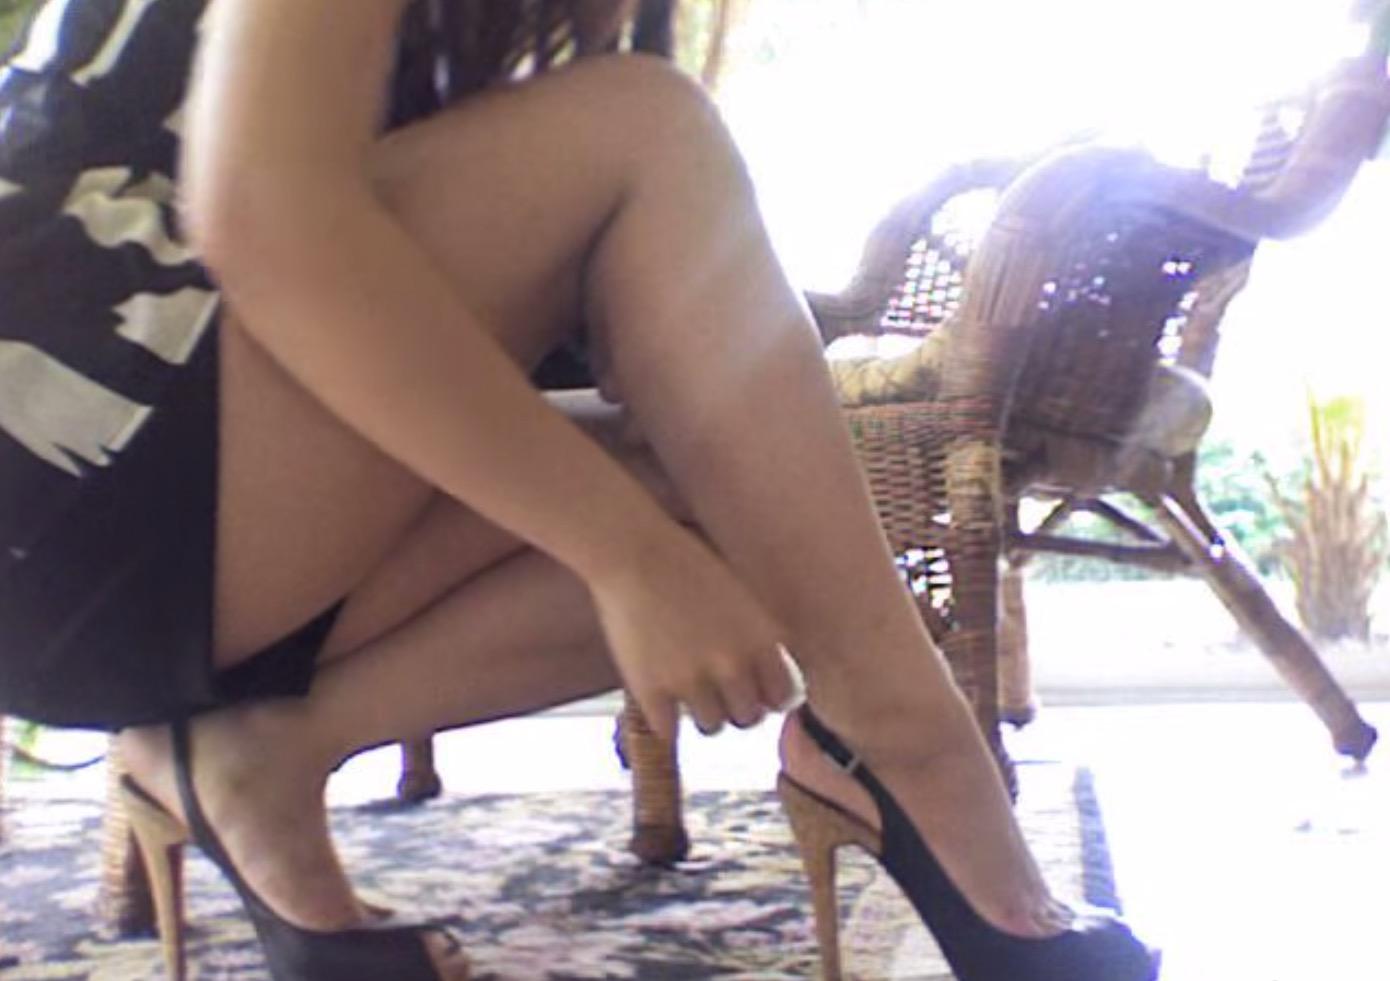 新鞋穿起來咬腳不舒服該怎麼辦?美女化妝師教妳用冰塊輕鬆永遠解決這個難題!